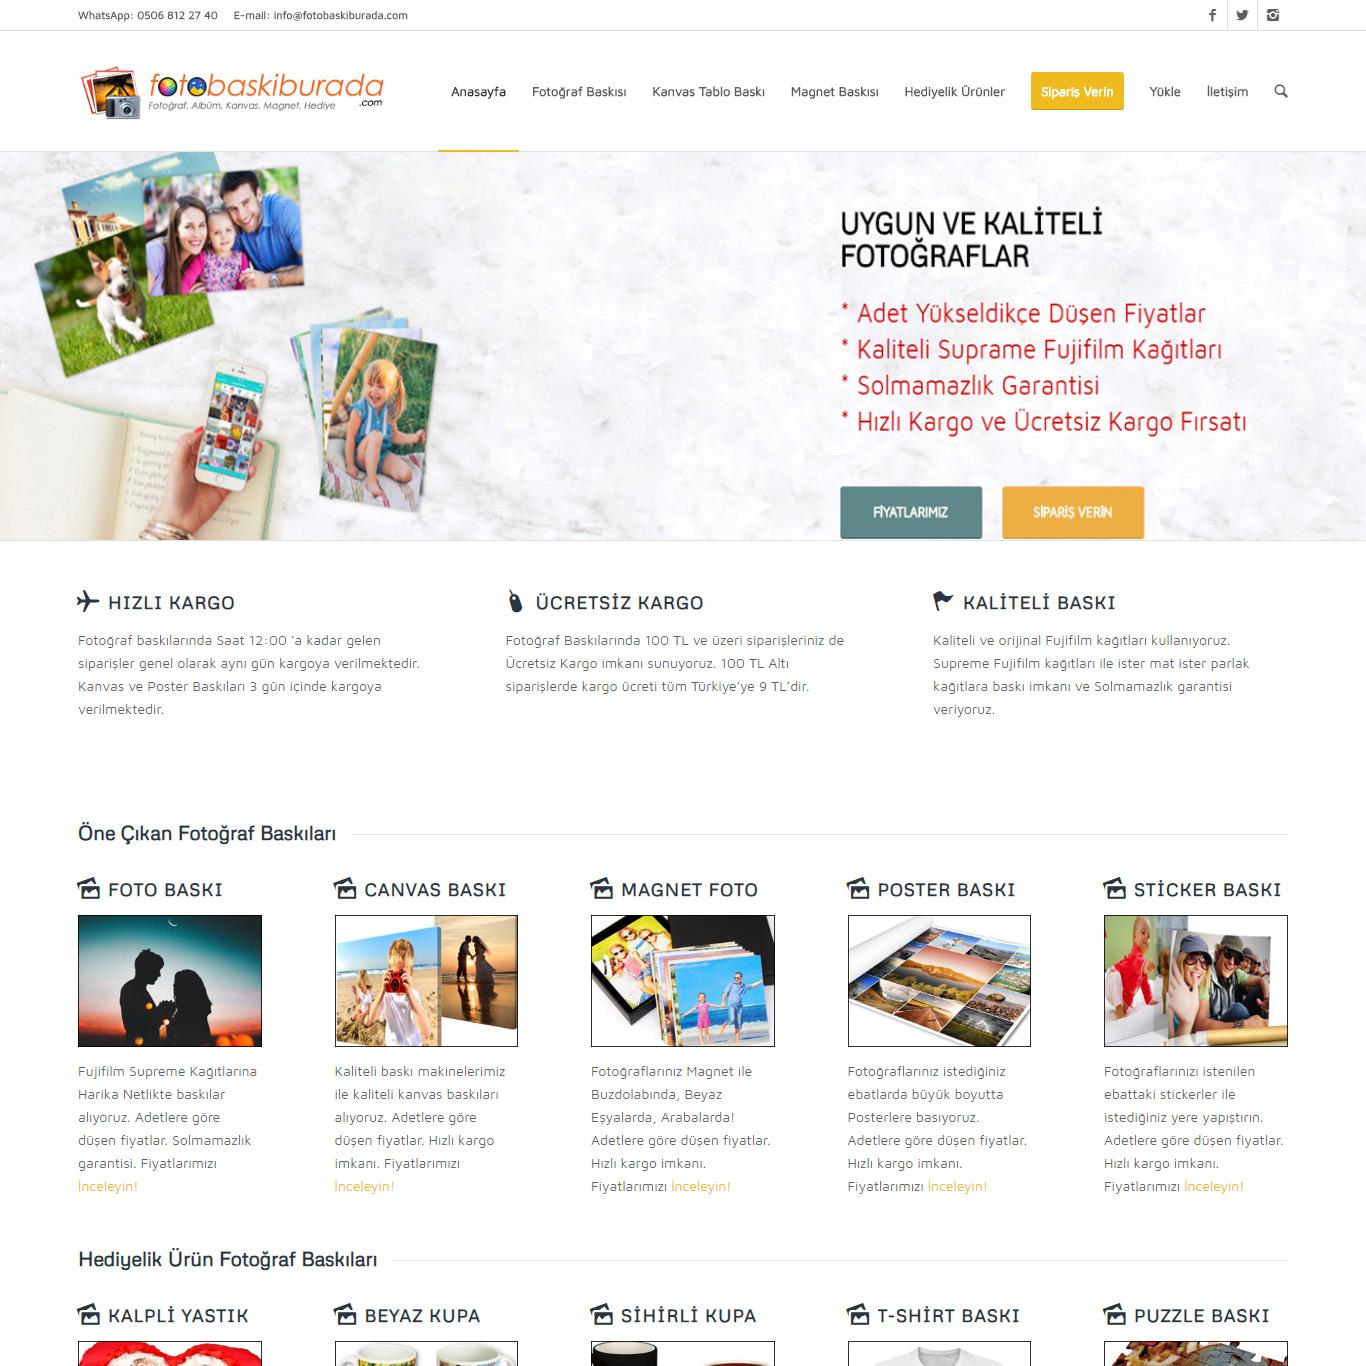 Fotoğrafçı web tasarım, Fotoğrafçı web tasarım şirketi, Fotoğrafçı web tasarım ajansı, Fotoğrafçı web tasarım firmaları, Fotoğrafçı web tasarım fiyatları, Fotoğrafçı web tasarım firması, Fotoğrafçı internet sitesi yapan firmalar, web tasarım, web tasarım ajansı, web tasarım şirketi, web tasarım firması, web tasarım firmaları, web tasarımı yapan kişiler, internet sitesi yapan kişiler, Fotoğrafçı seo hizmeti, Fotoğrafçı web sitesi uzmanı